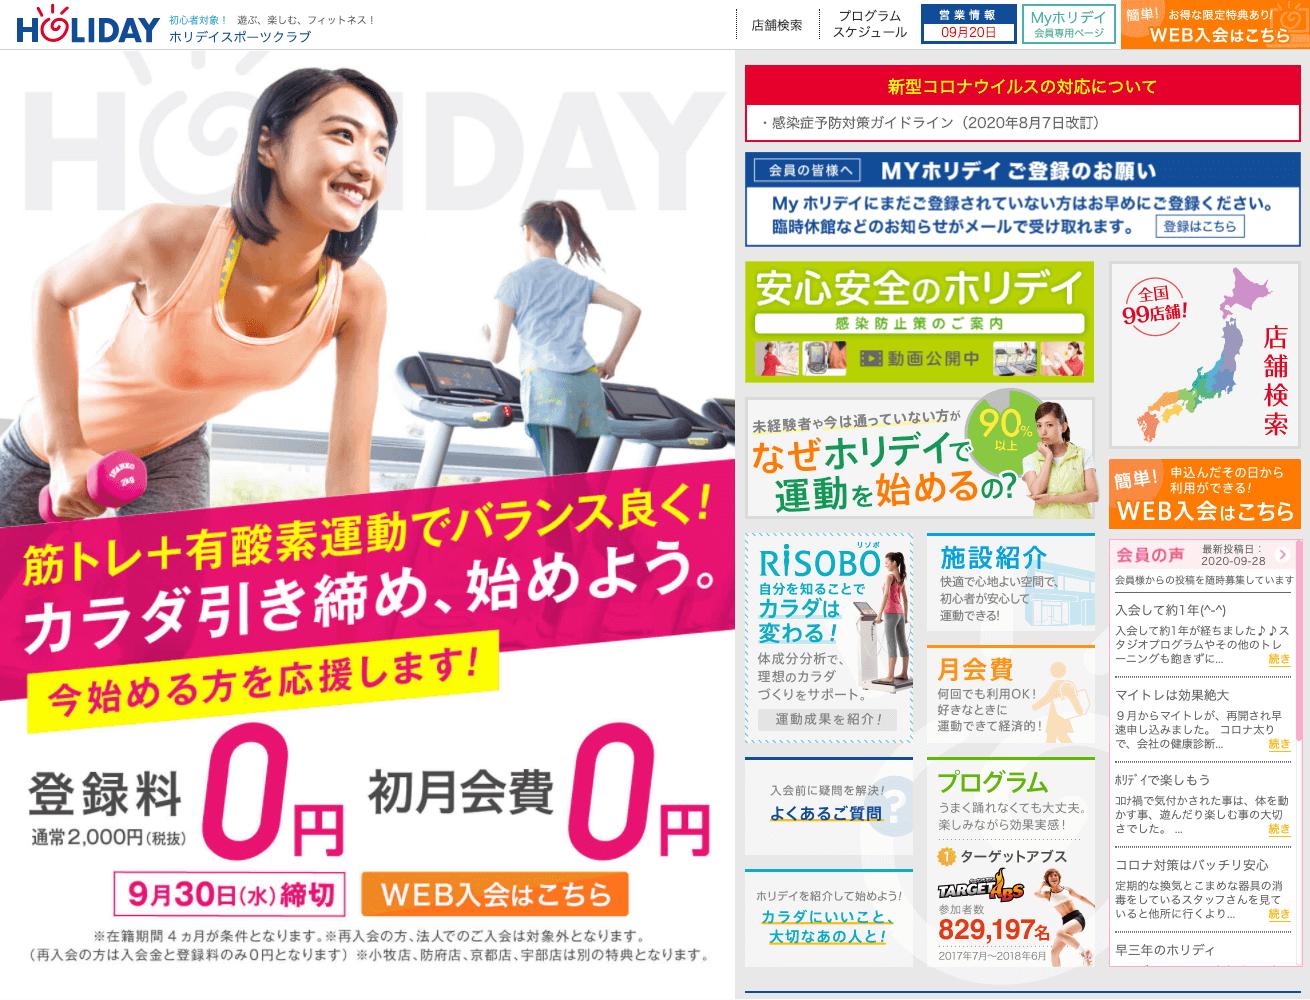 ホリデイスポーツクラブ福井